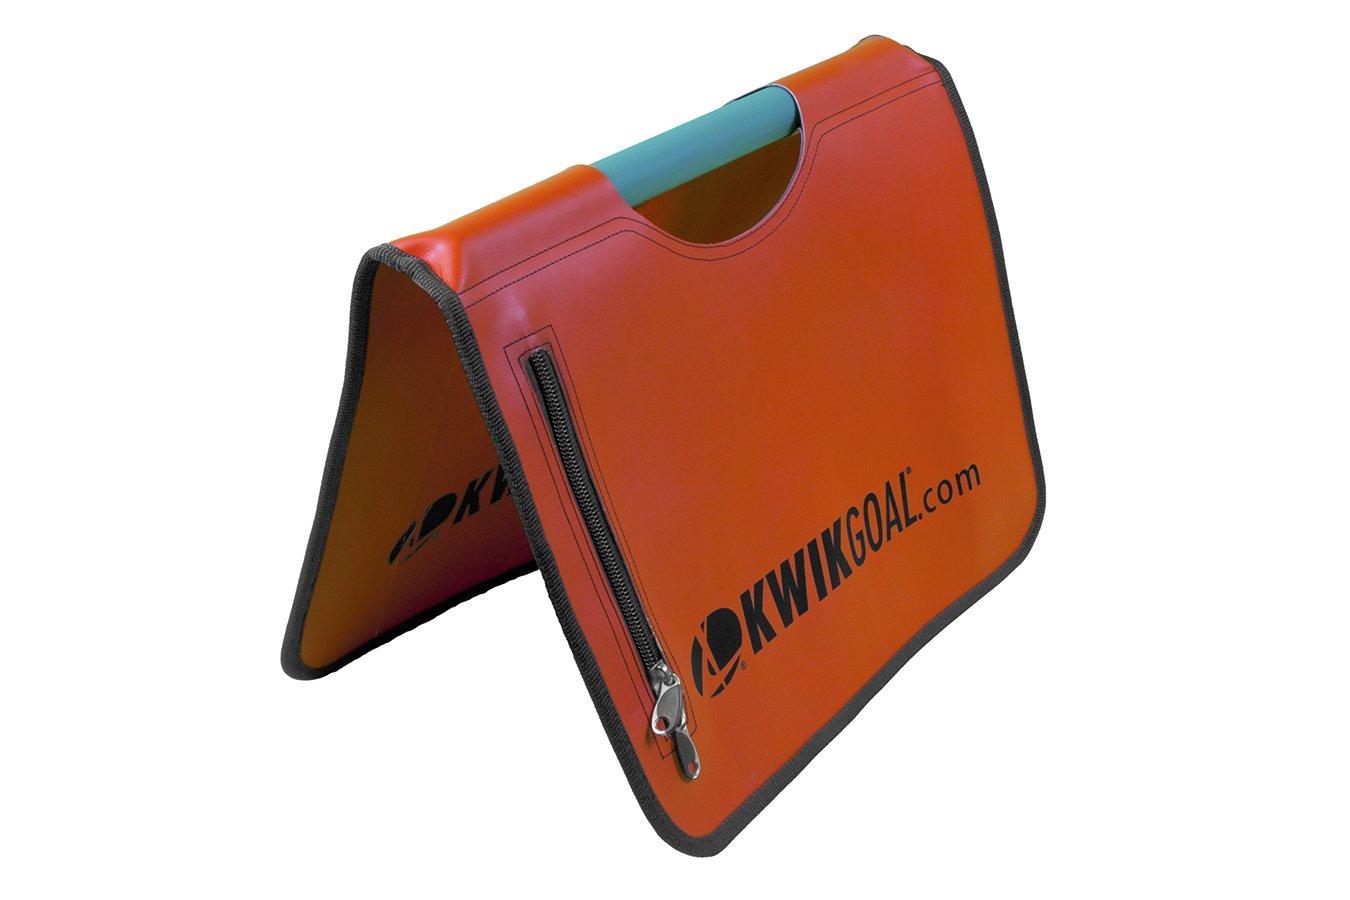 Kwik Goal Heavy-Duty Soccer Goal Anchor Bag by Kwik Goal (Image #3)